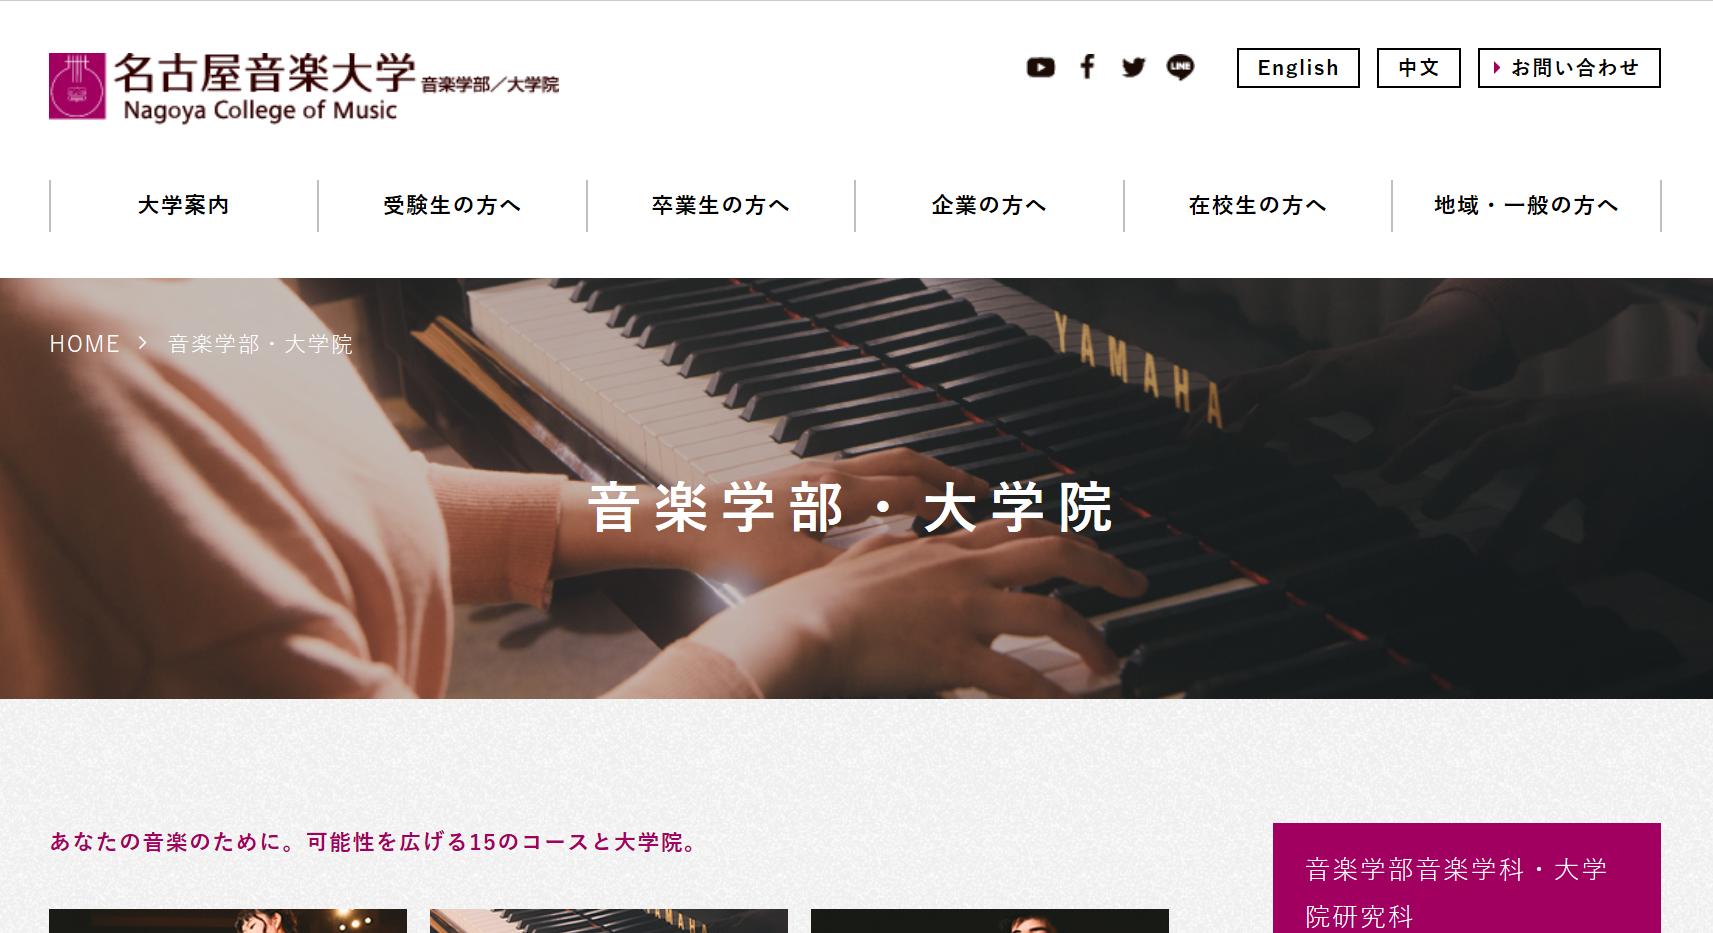 名古屋音楽大学の評判・口コミ【音楽学部編】